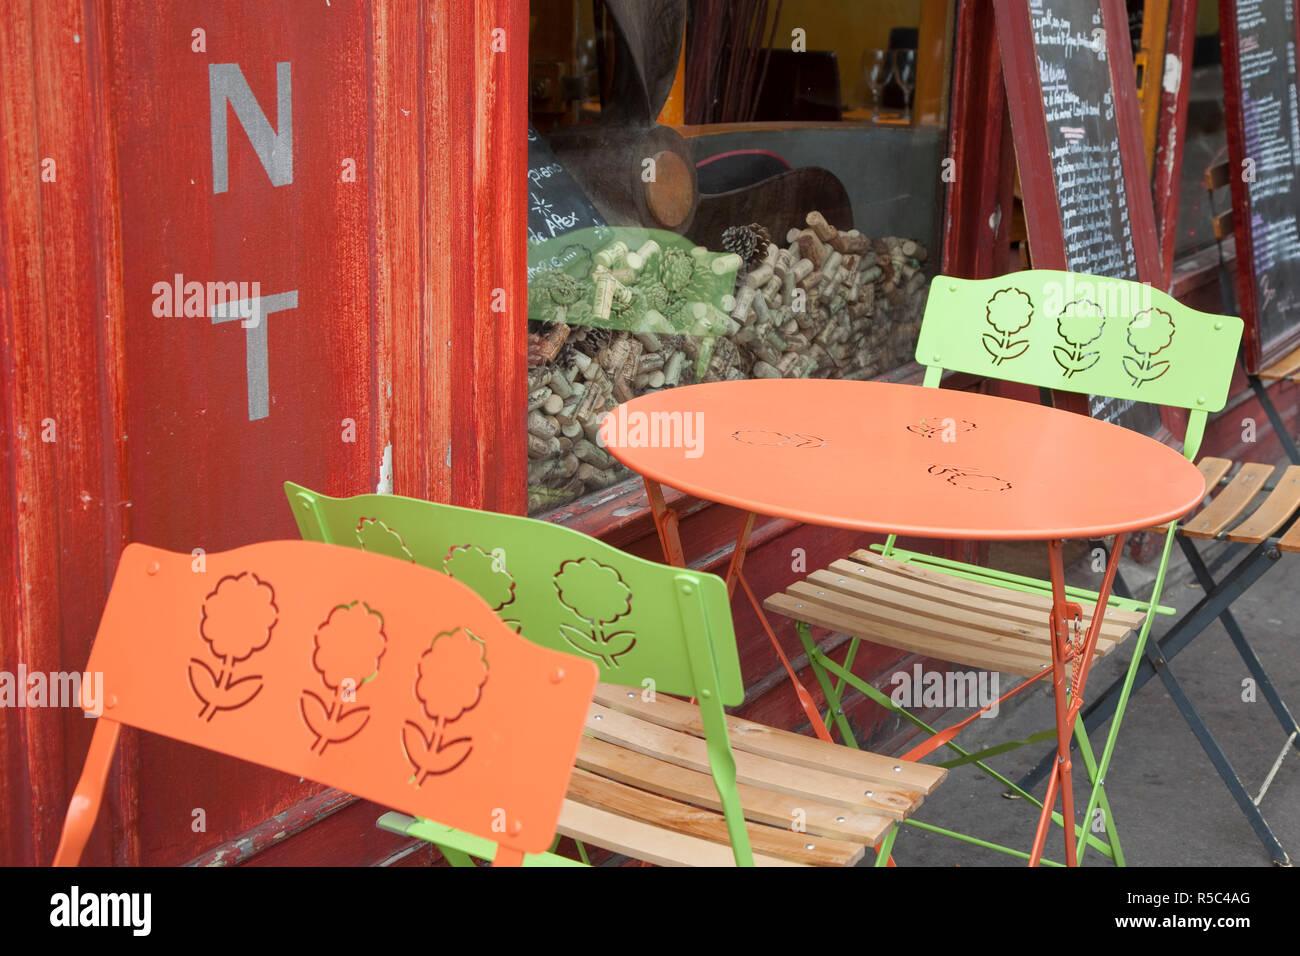 Cafe/Restaurant, Rive Gauche, Paris, France - Stock Image